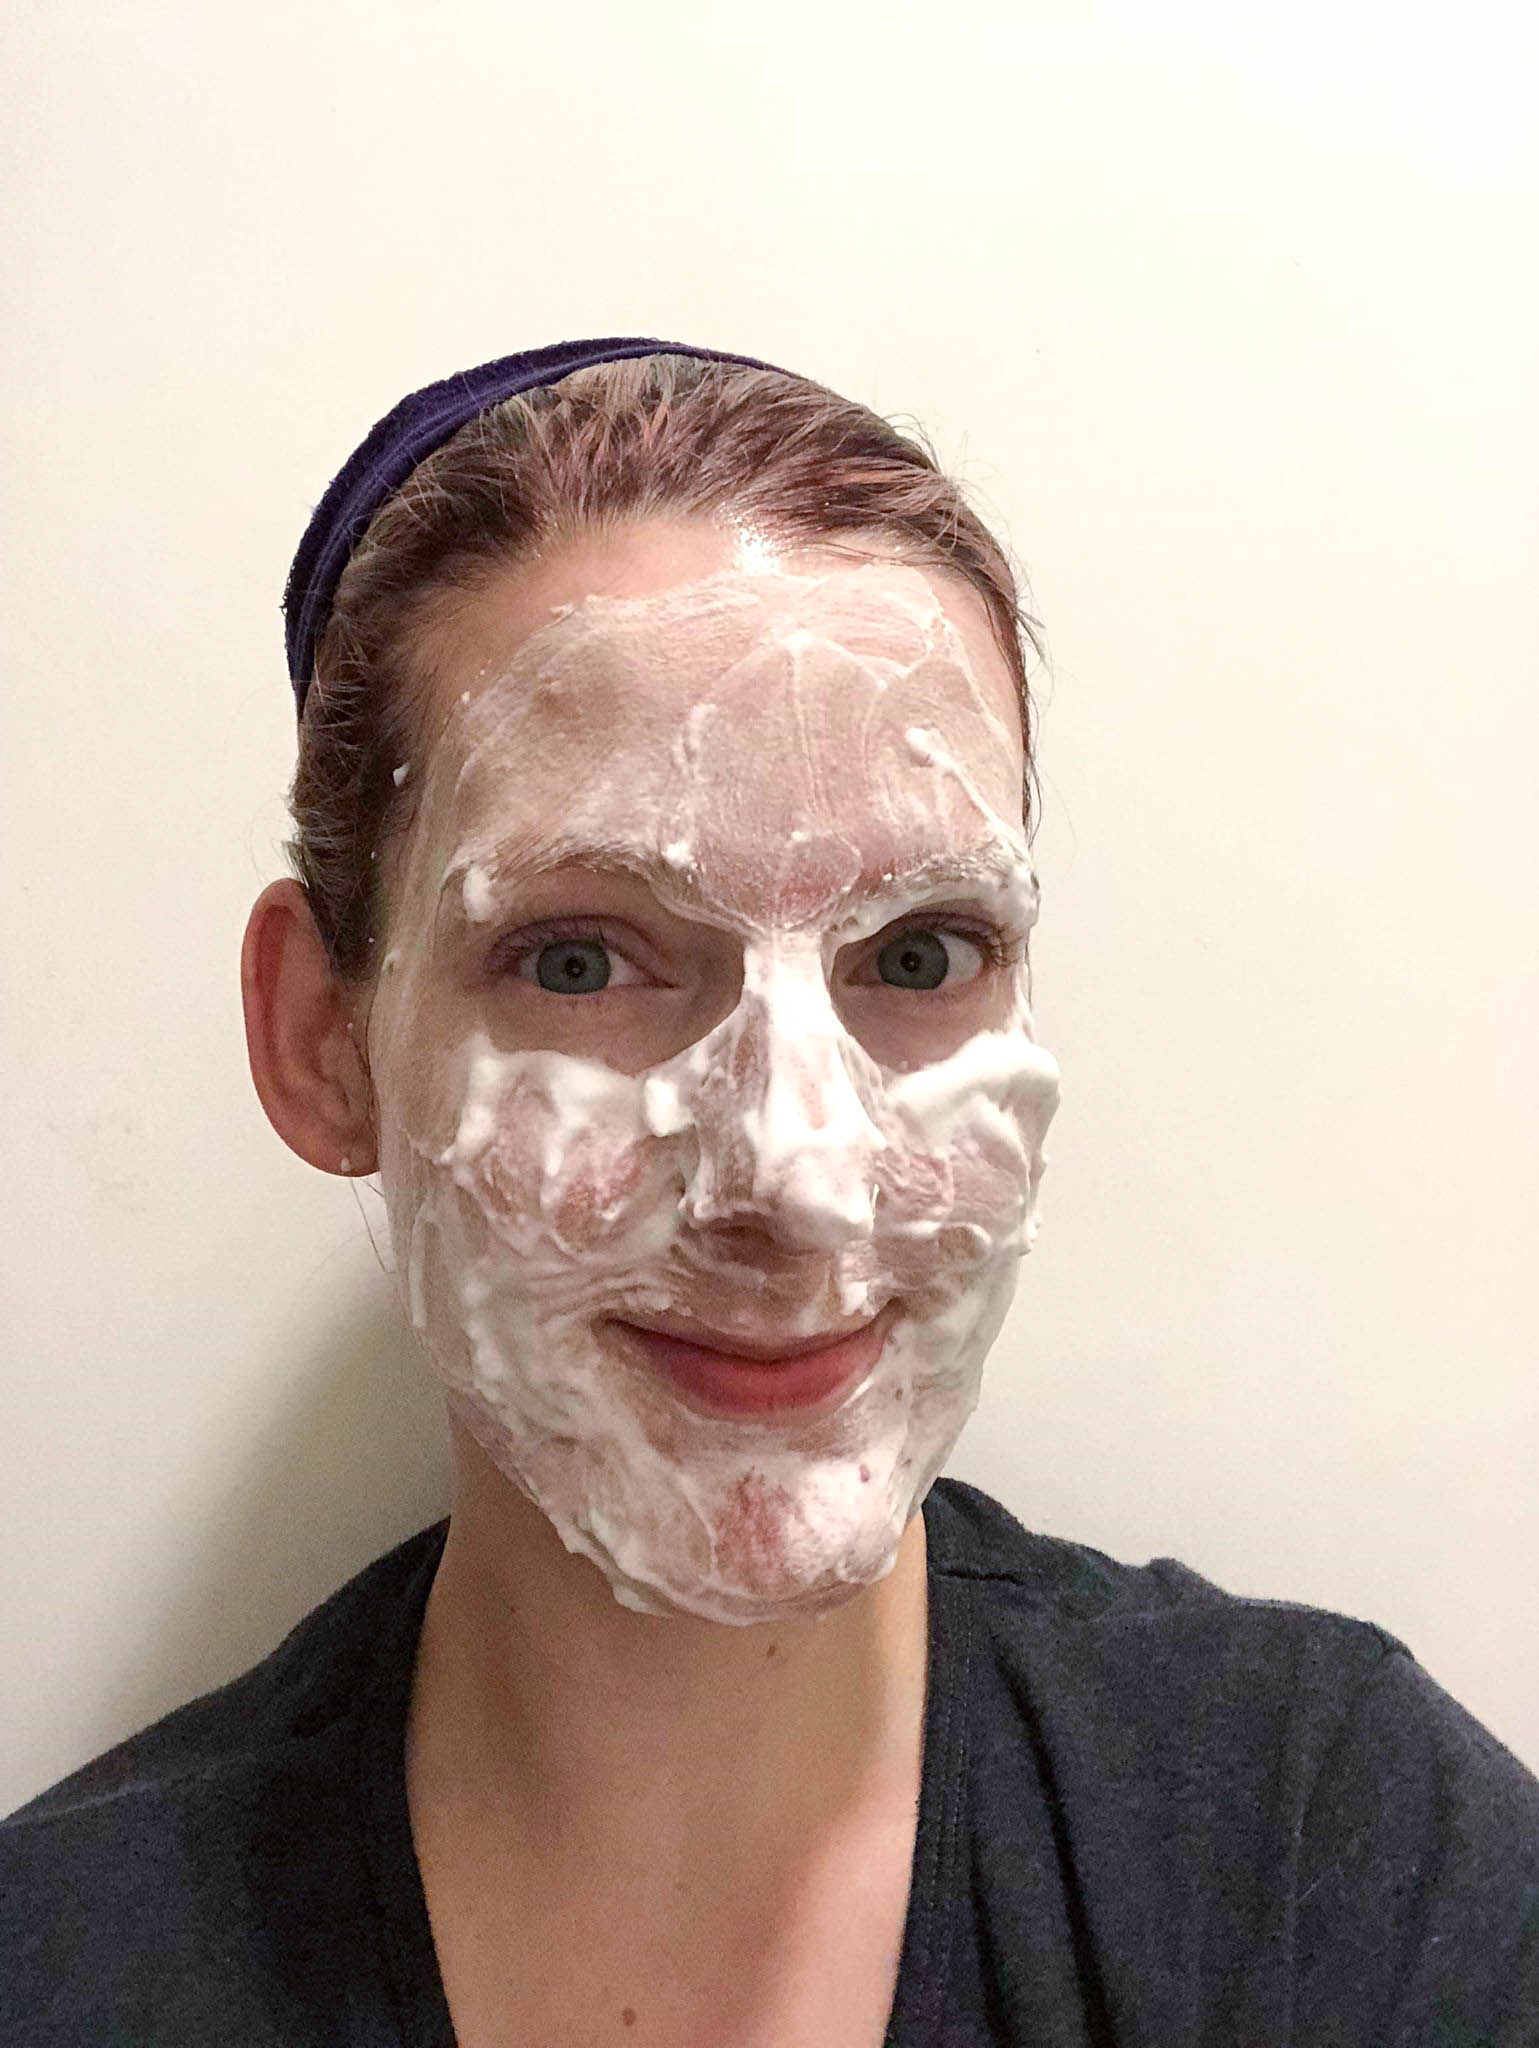 QMS Medicosmetics Hydro Foam Mask